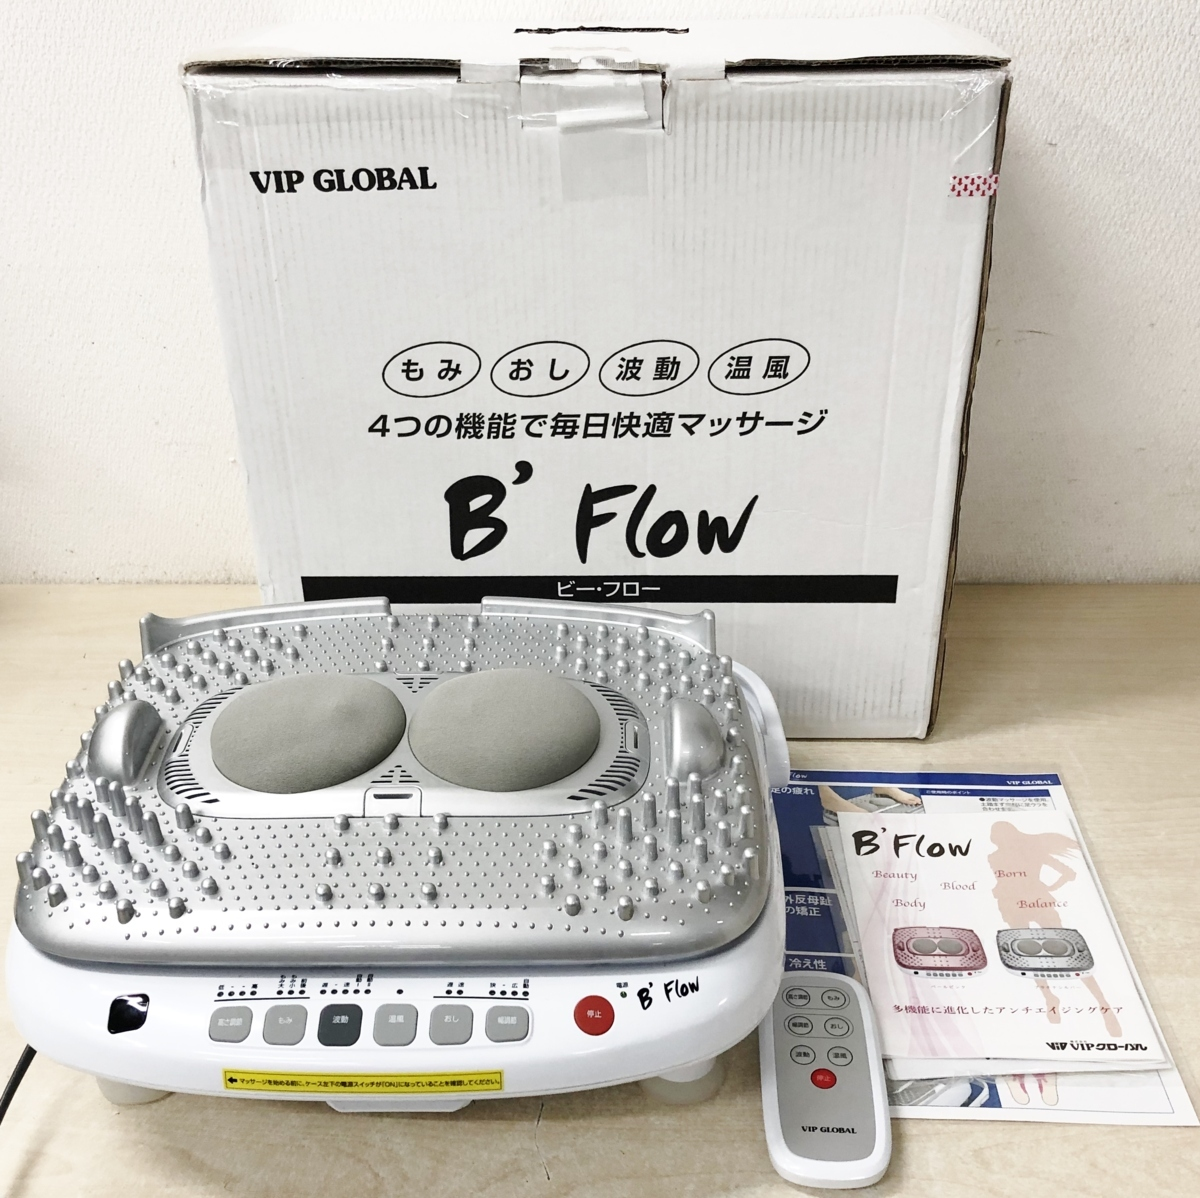 VIPグローバル B'Flow ビーフロー MD-5310 フットマッサージャー